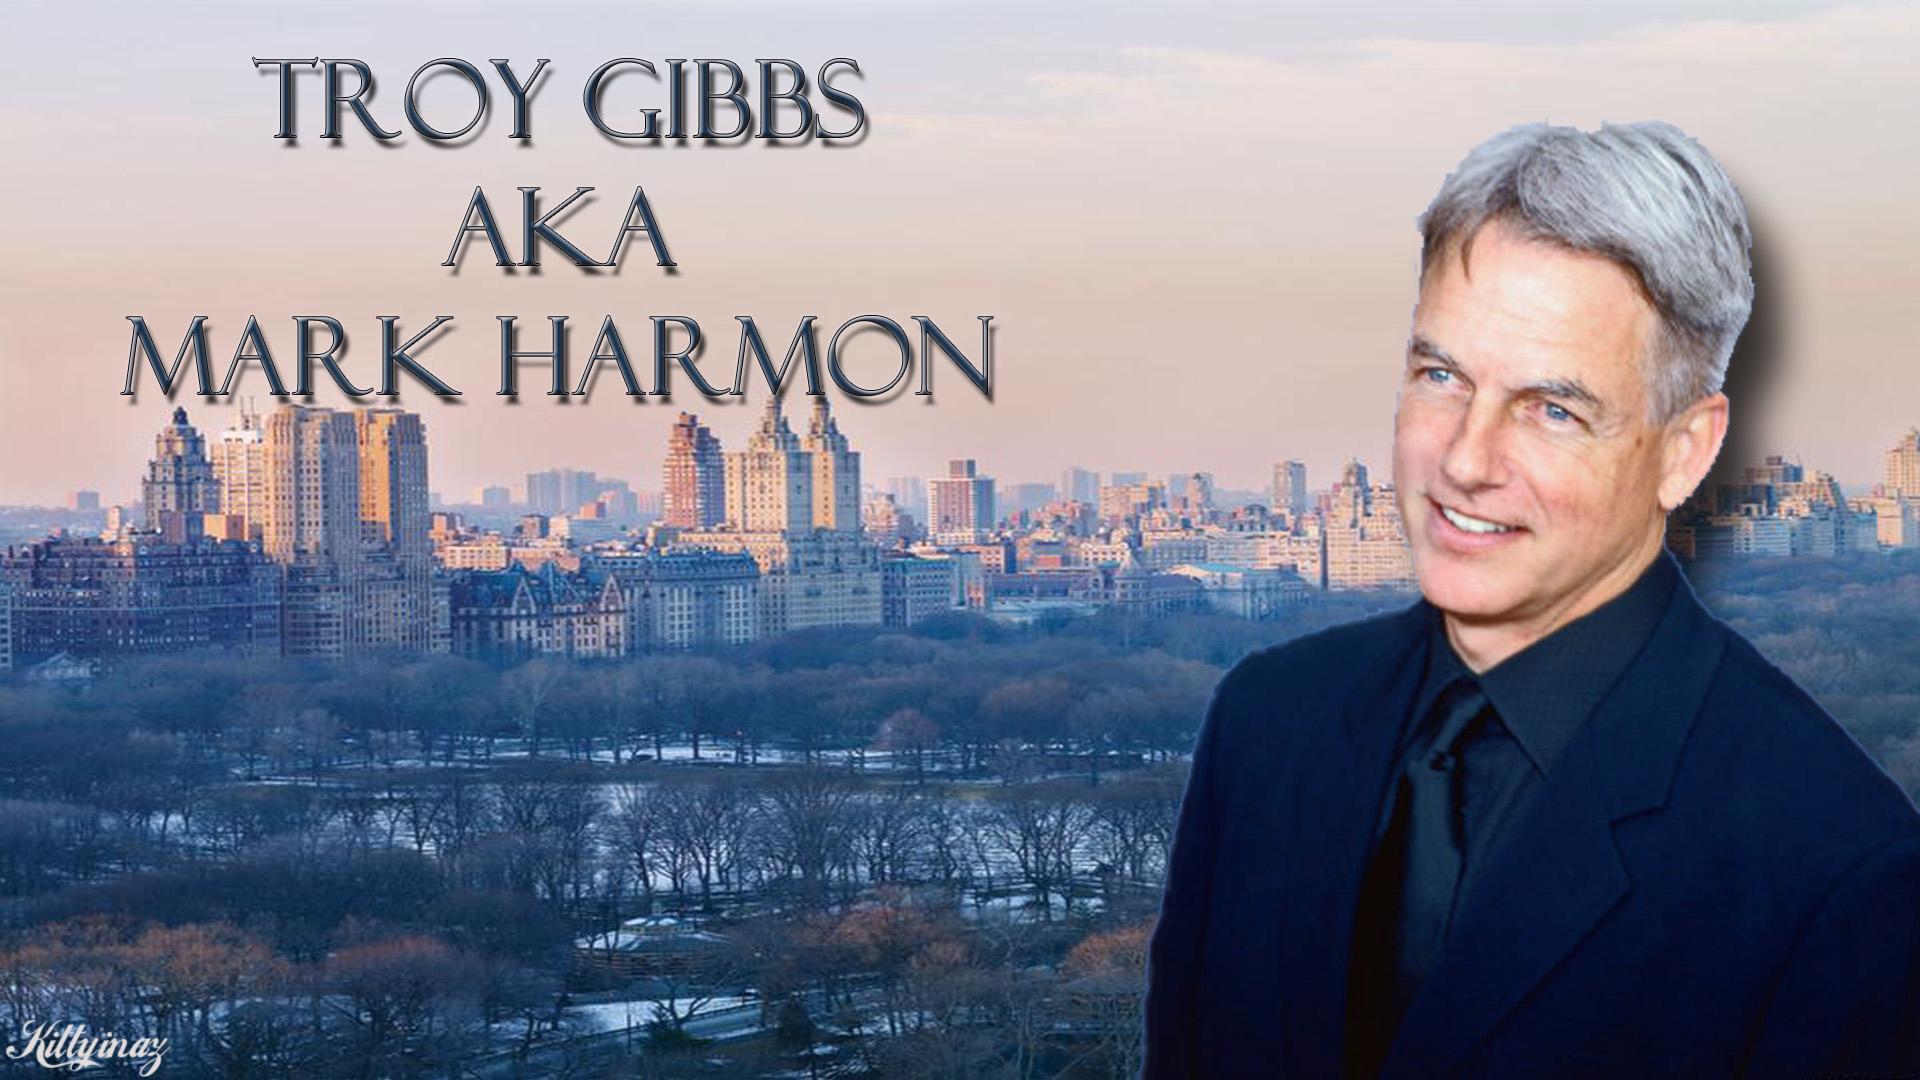 Troy Gibbs